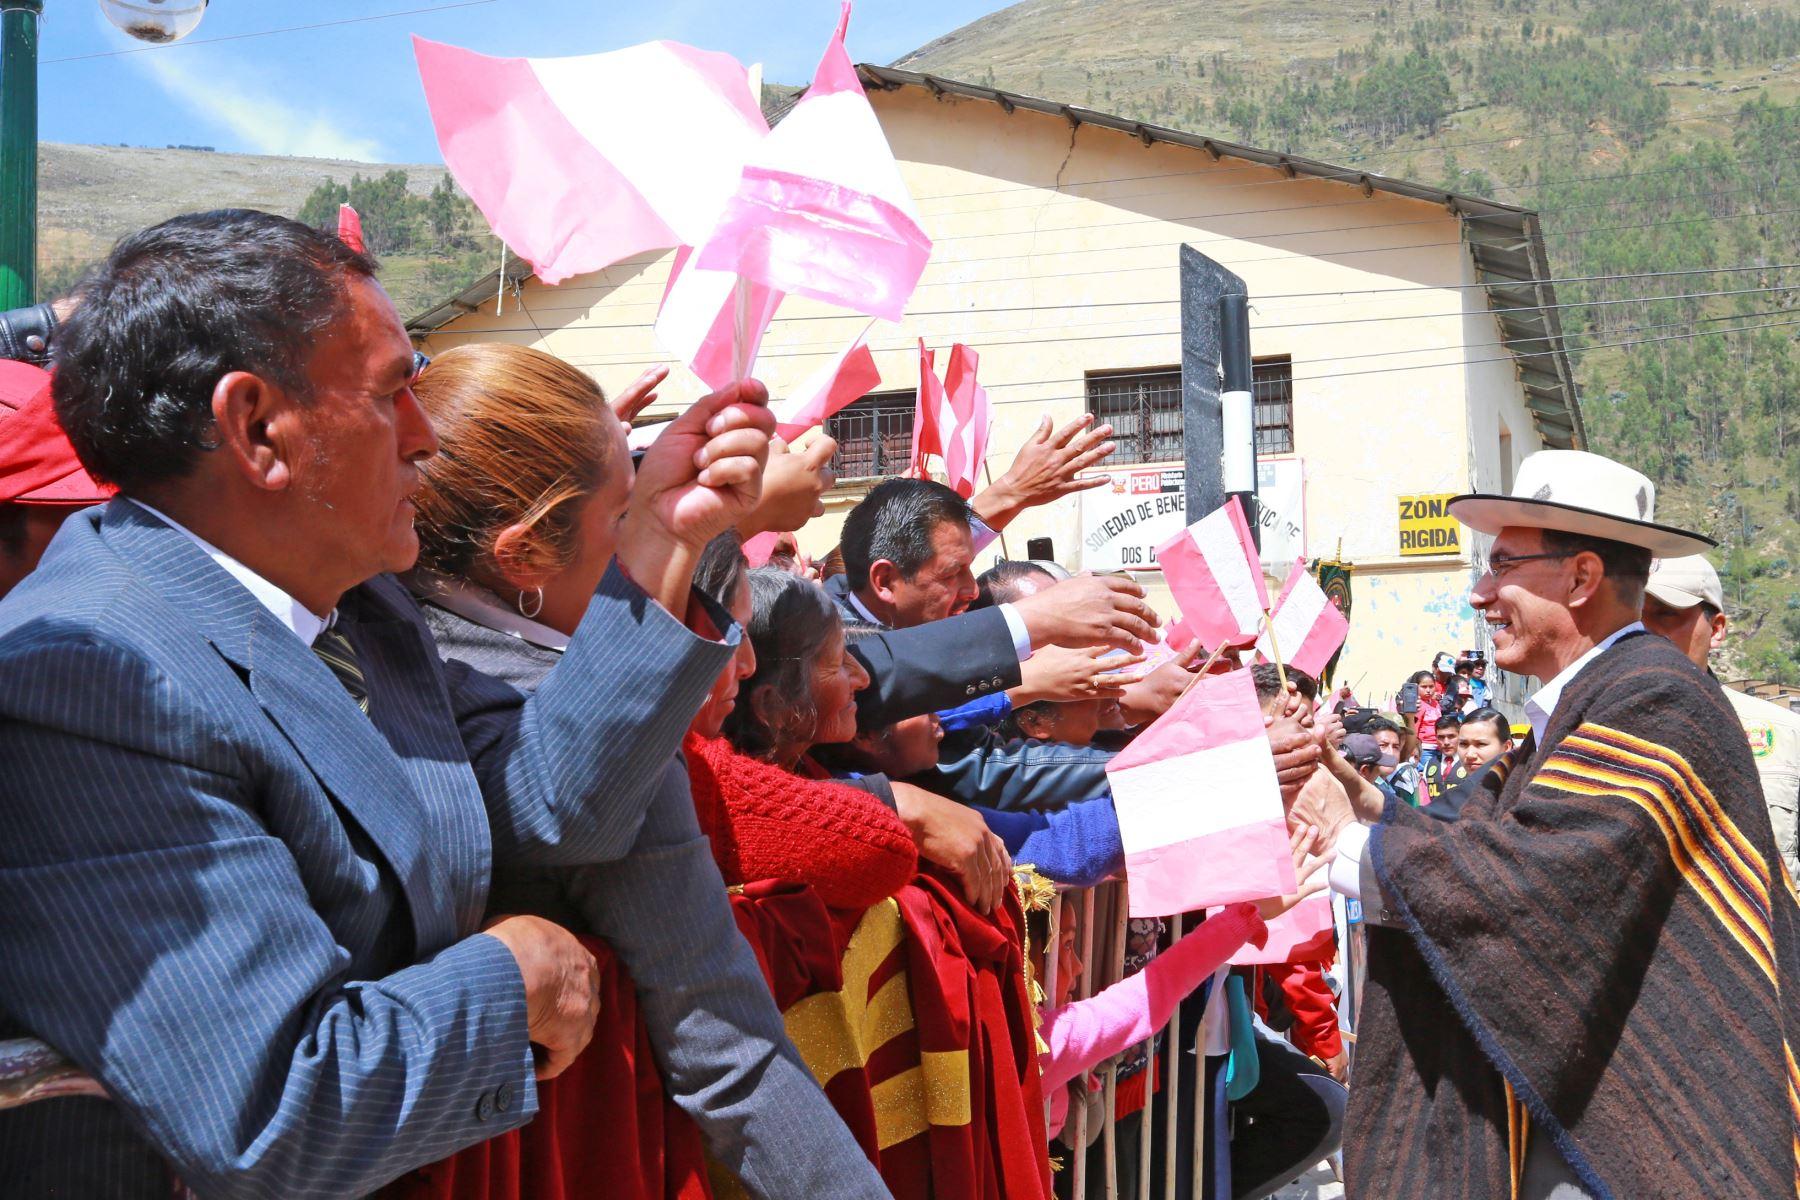 Presidente de la República, Martín Vizcarra, participa de la firma del contrato para la ejecución de la Carretera Huánuco - La Unión - Huallanca, obra que beneficiará a más de 270 mil ciudadanos de la región. Foto: ANDINA/Carlos Lezama/Prensa Presidencia